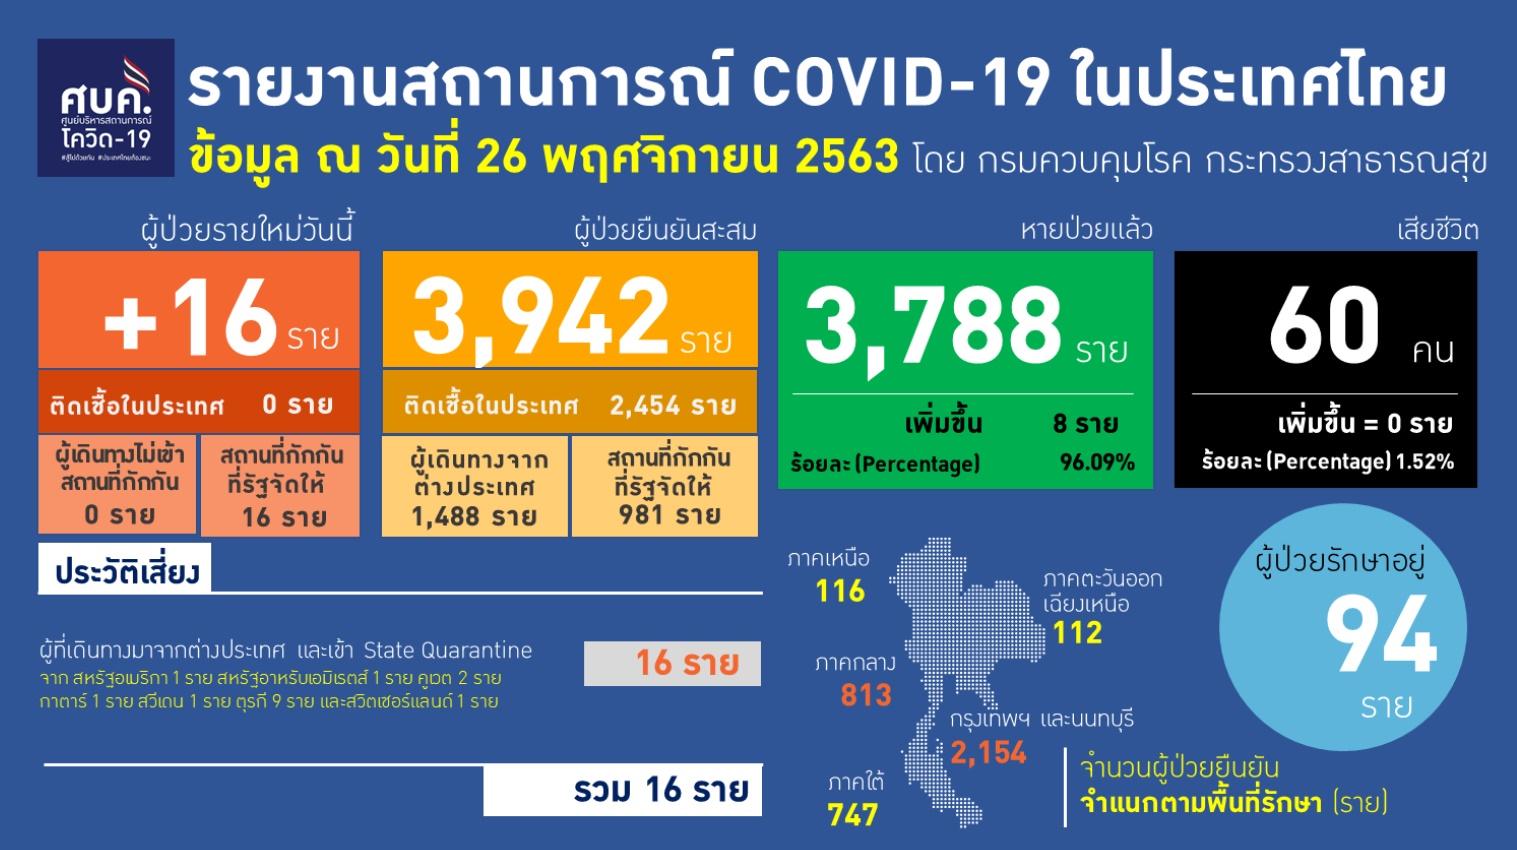 รายงานข้อมูลสถานการณ์การติดเชื้อโควิด-19 ณ วันพฤหัสบดีที่ 26 พฤศจิกายน 2563